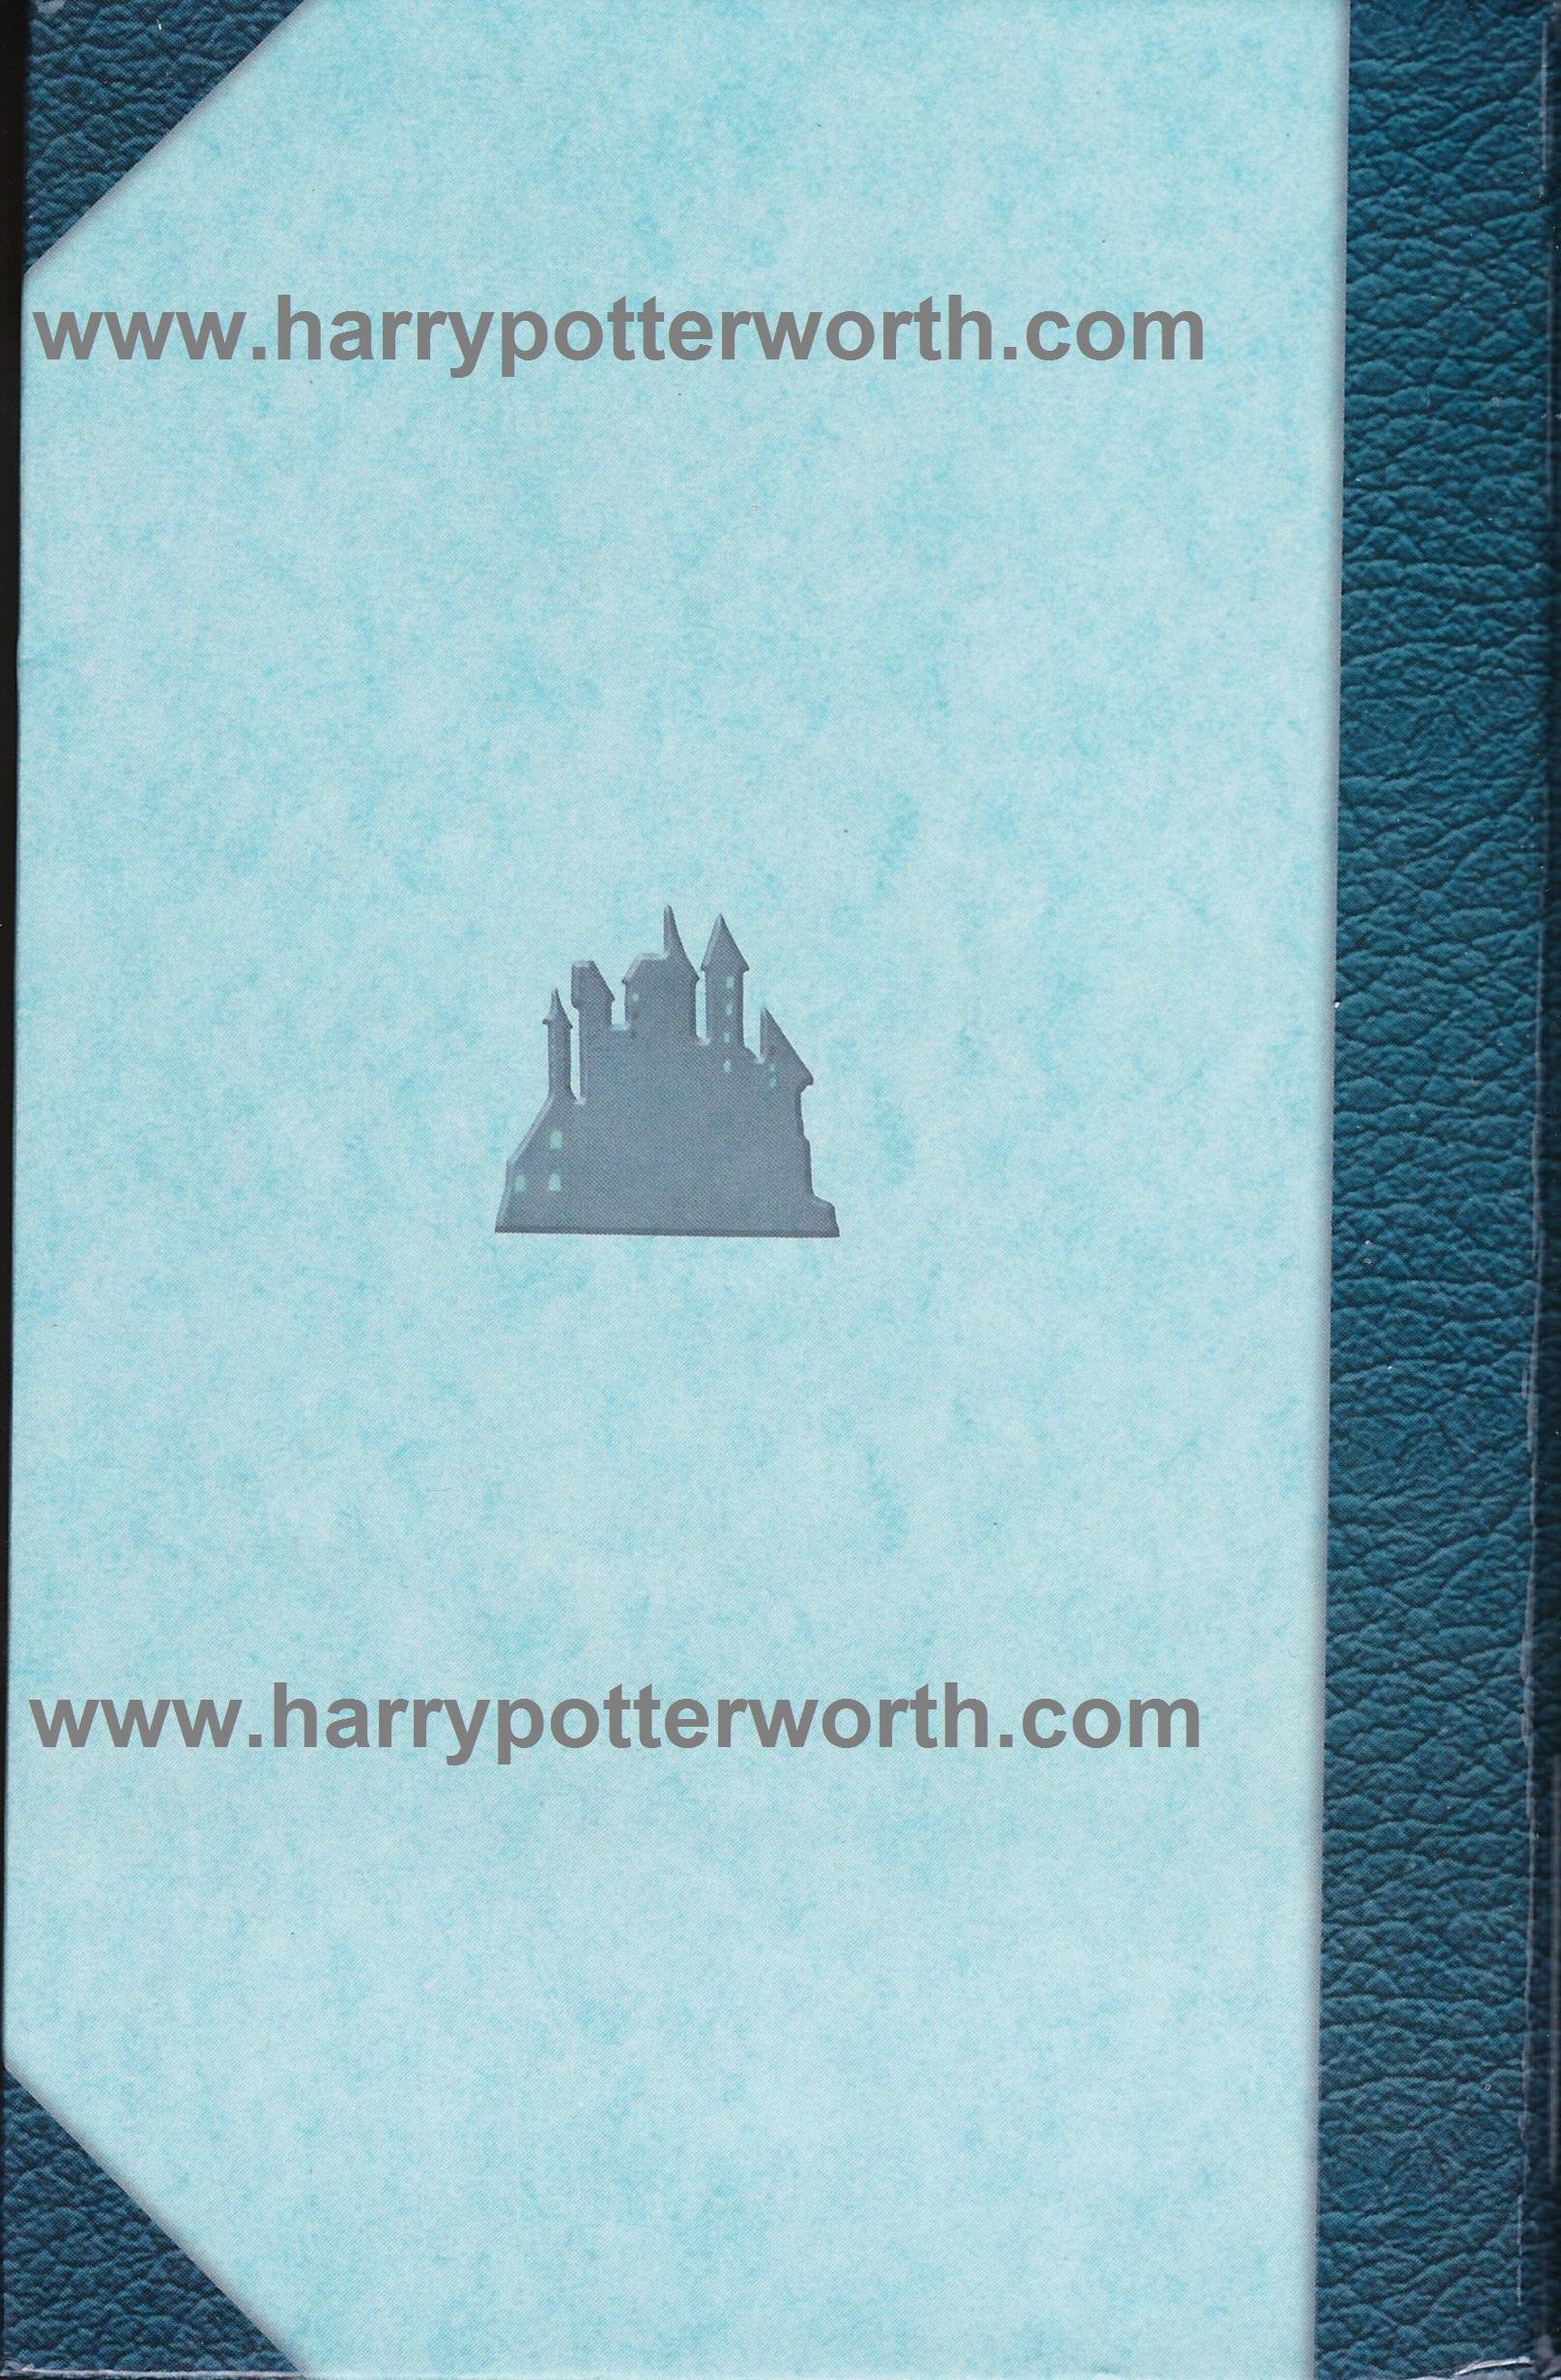 Harry Potter e la Camera dei Segreti Edizione Motto Hogwarts 2007 - Retro